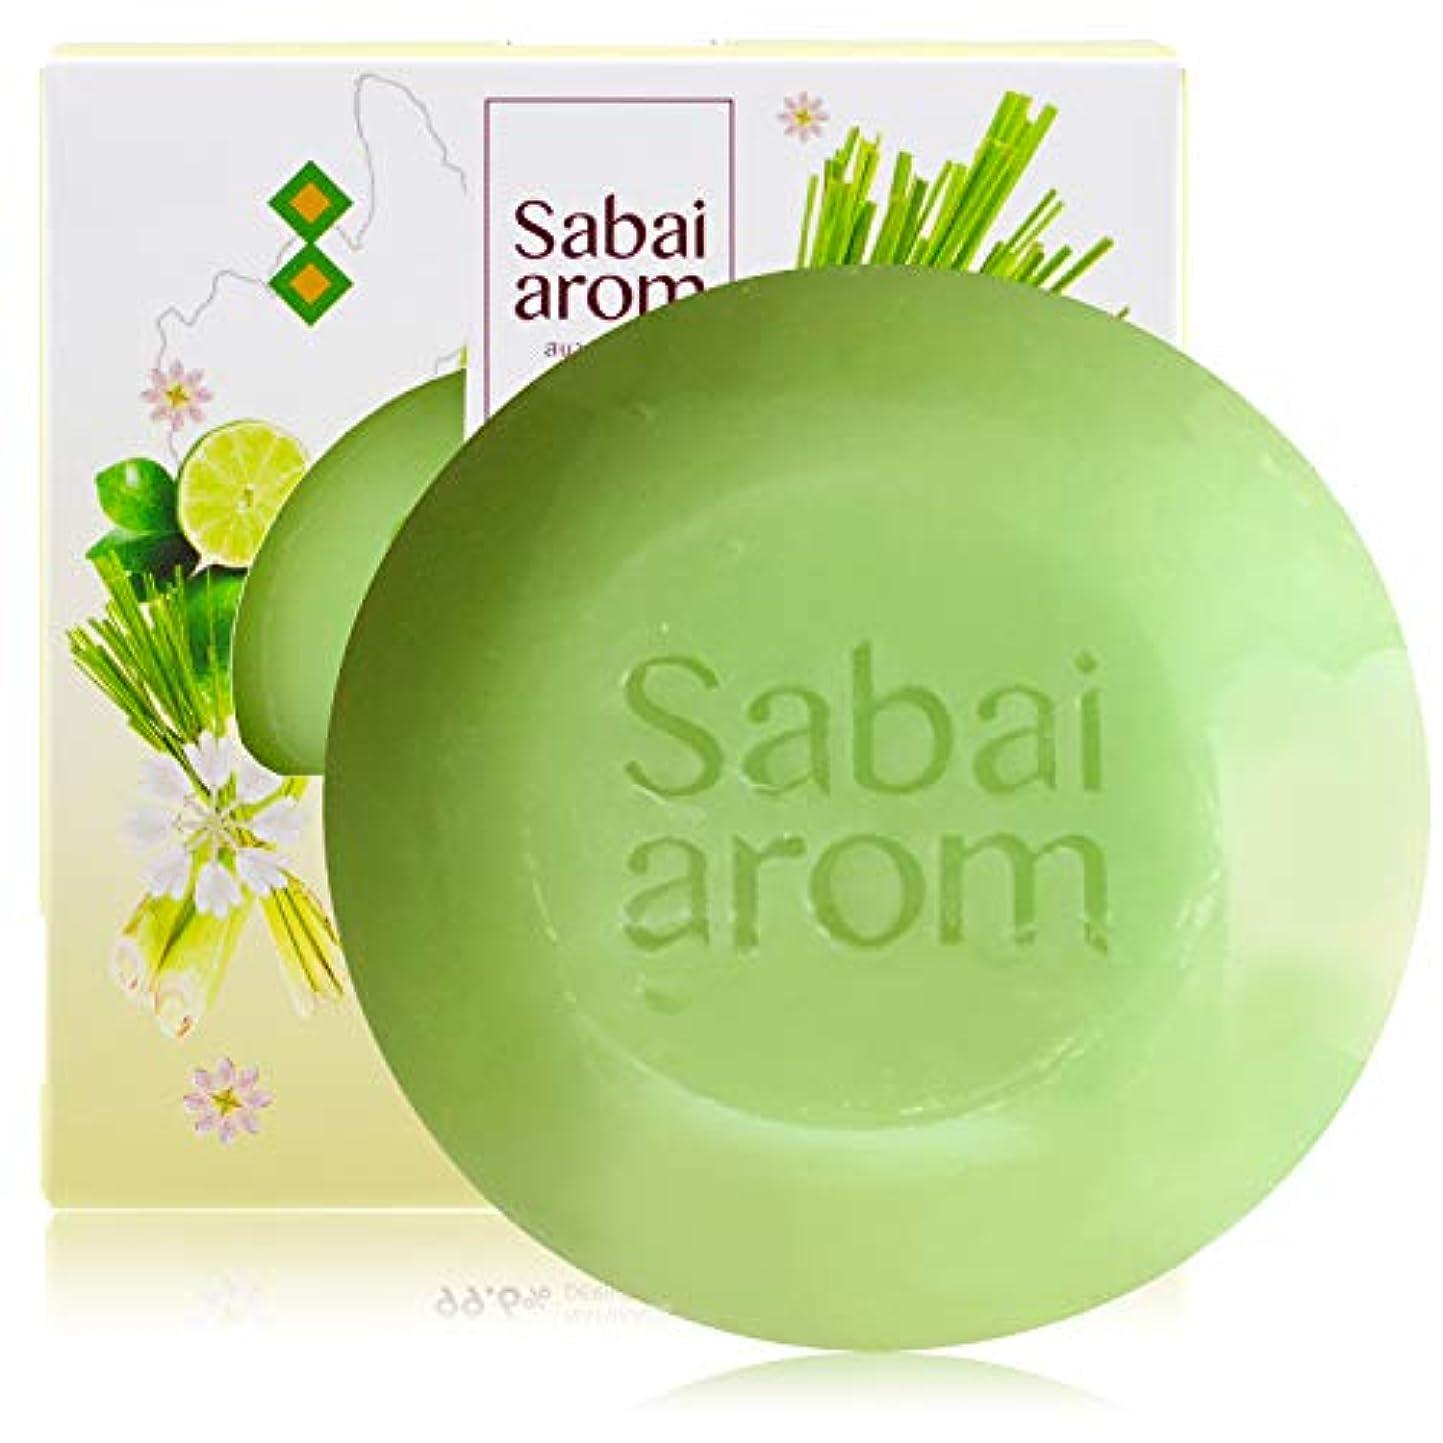 サバイアロム(Sabai-arom) レモングラス フェイス&ボディソープバー (石鹸) 100g【LMG】【001】